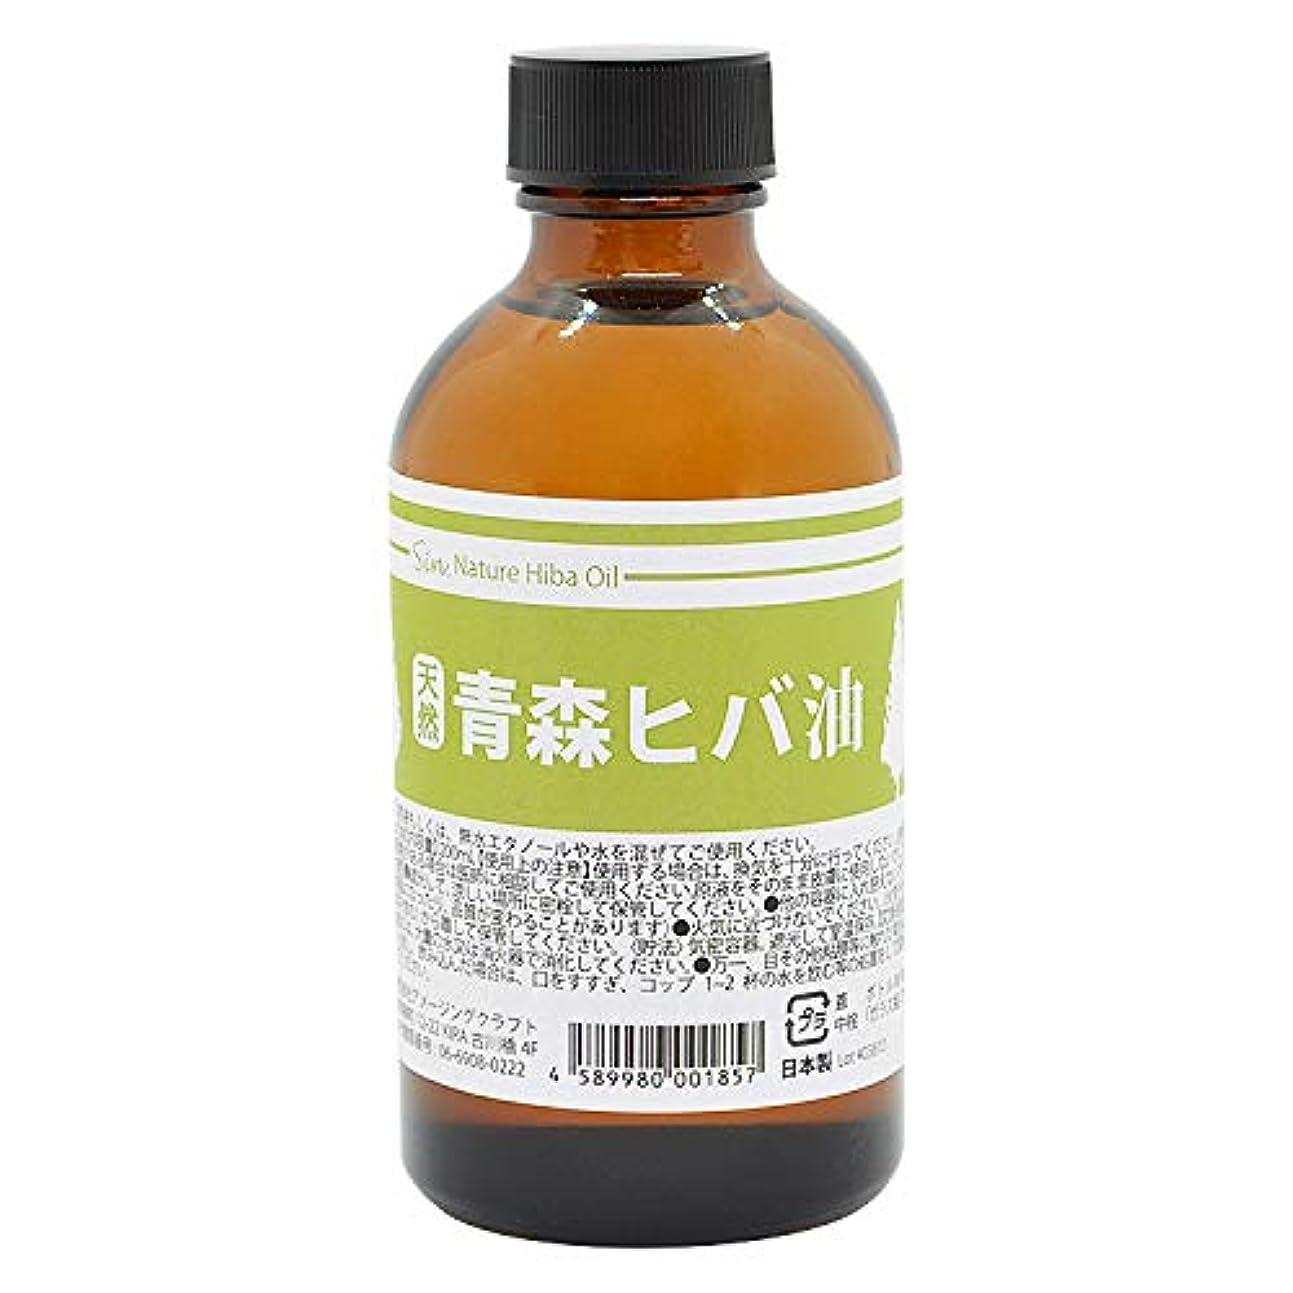 気がついて応用スケジュール青森県産 天然ひば油 200ml 中栓付き 天然製油ヒバオイル